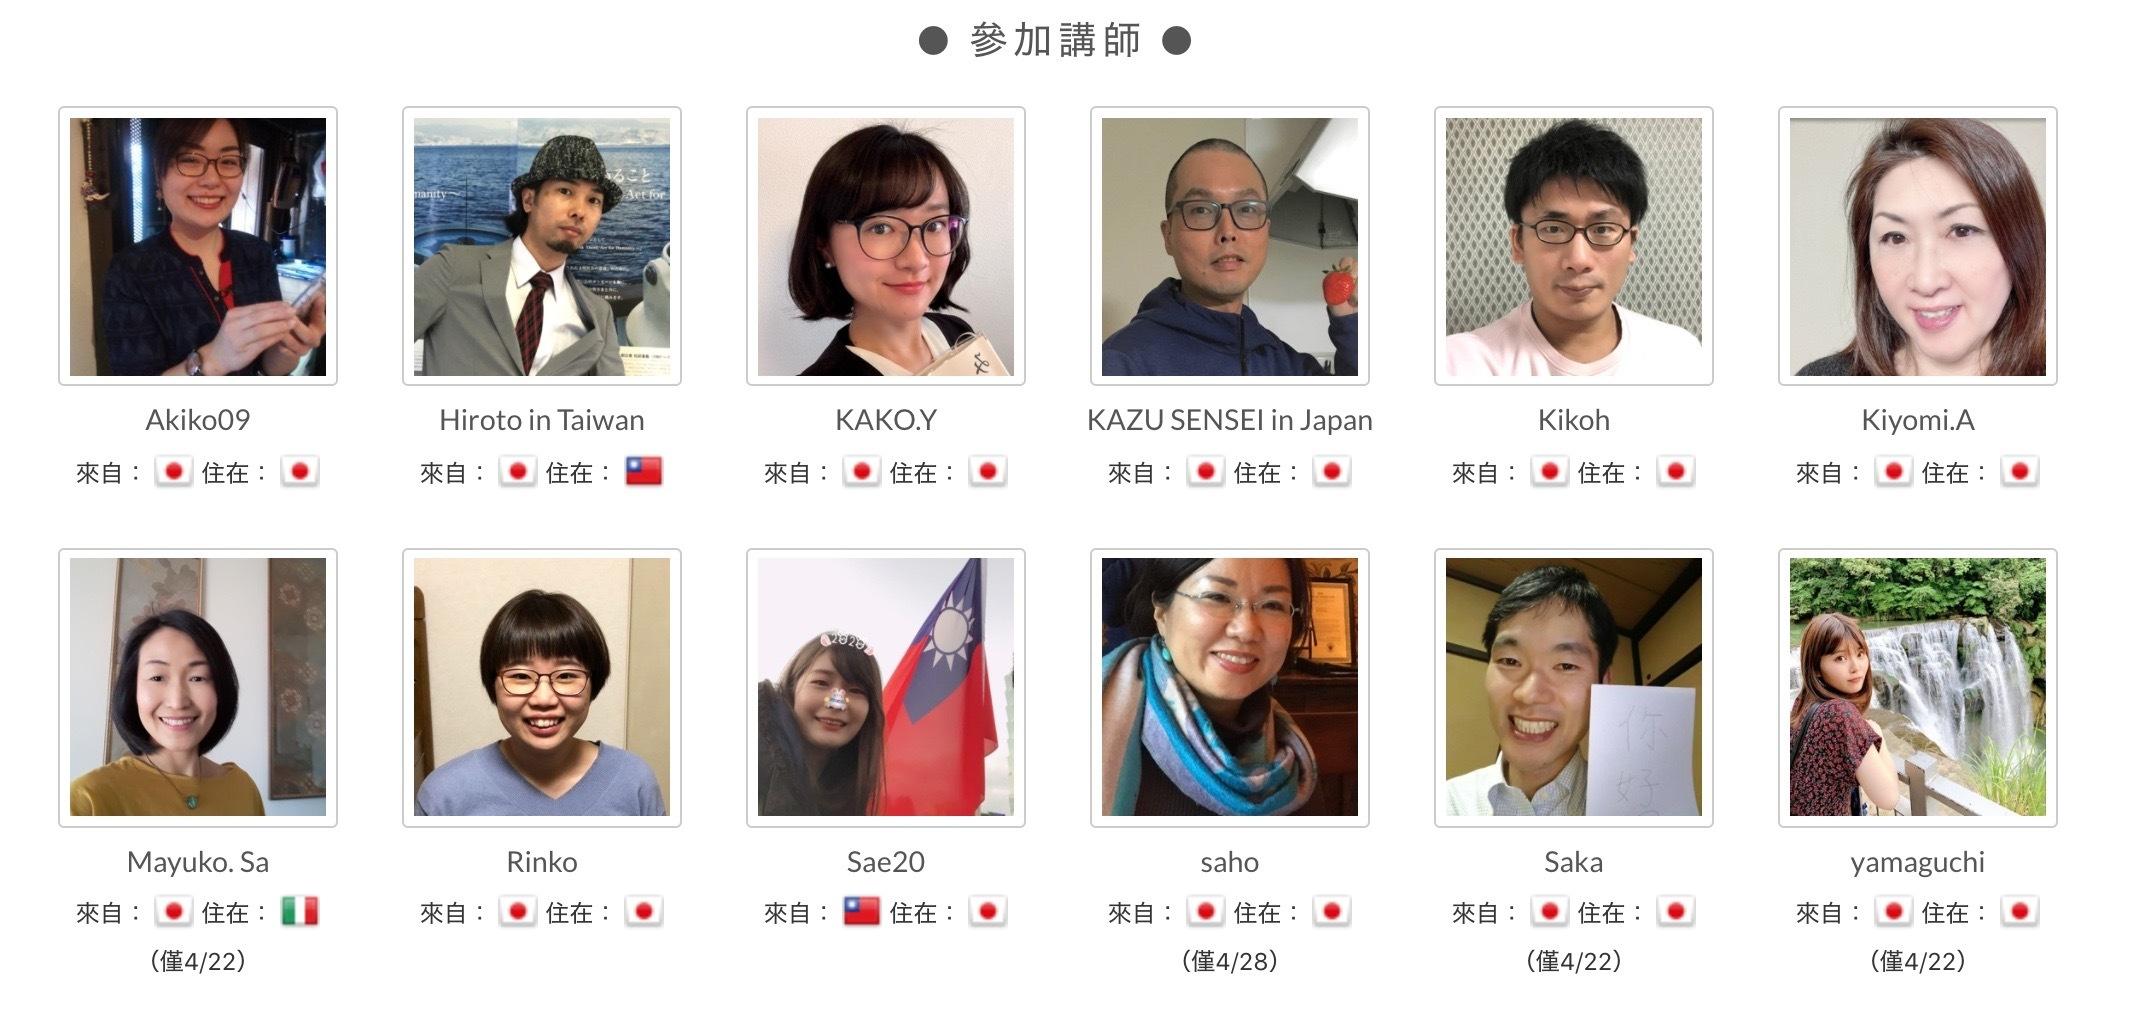 台湾人日本語学習者向け:講師2名対生徒1名のユニークな学習の形【日本語チャレンジ】4月分参加者受付開始